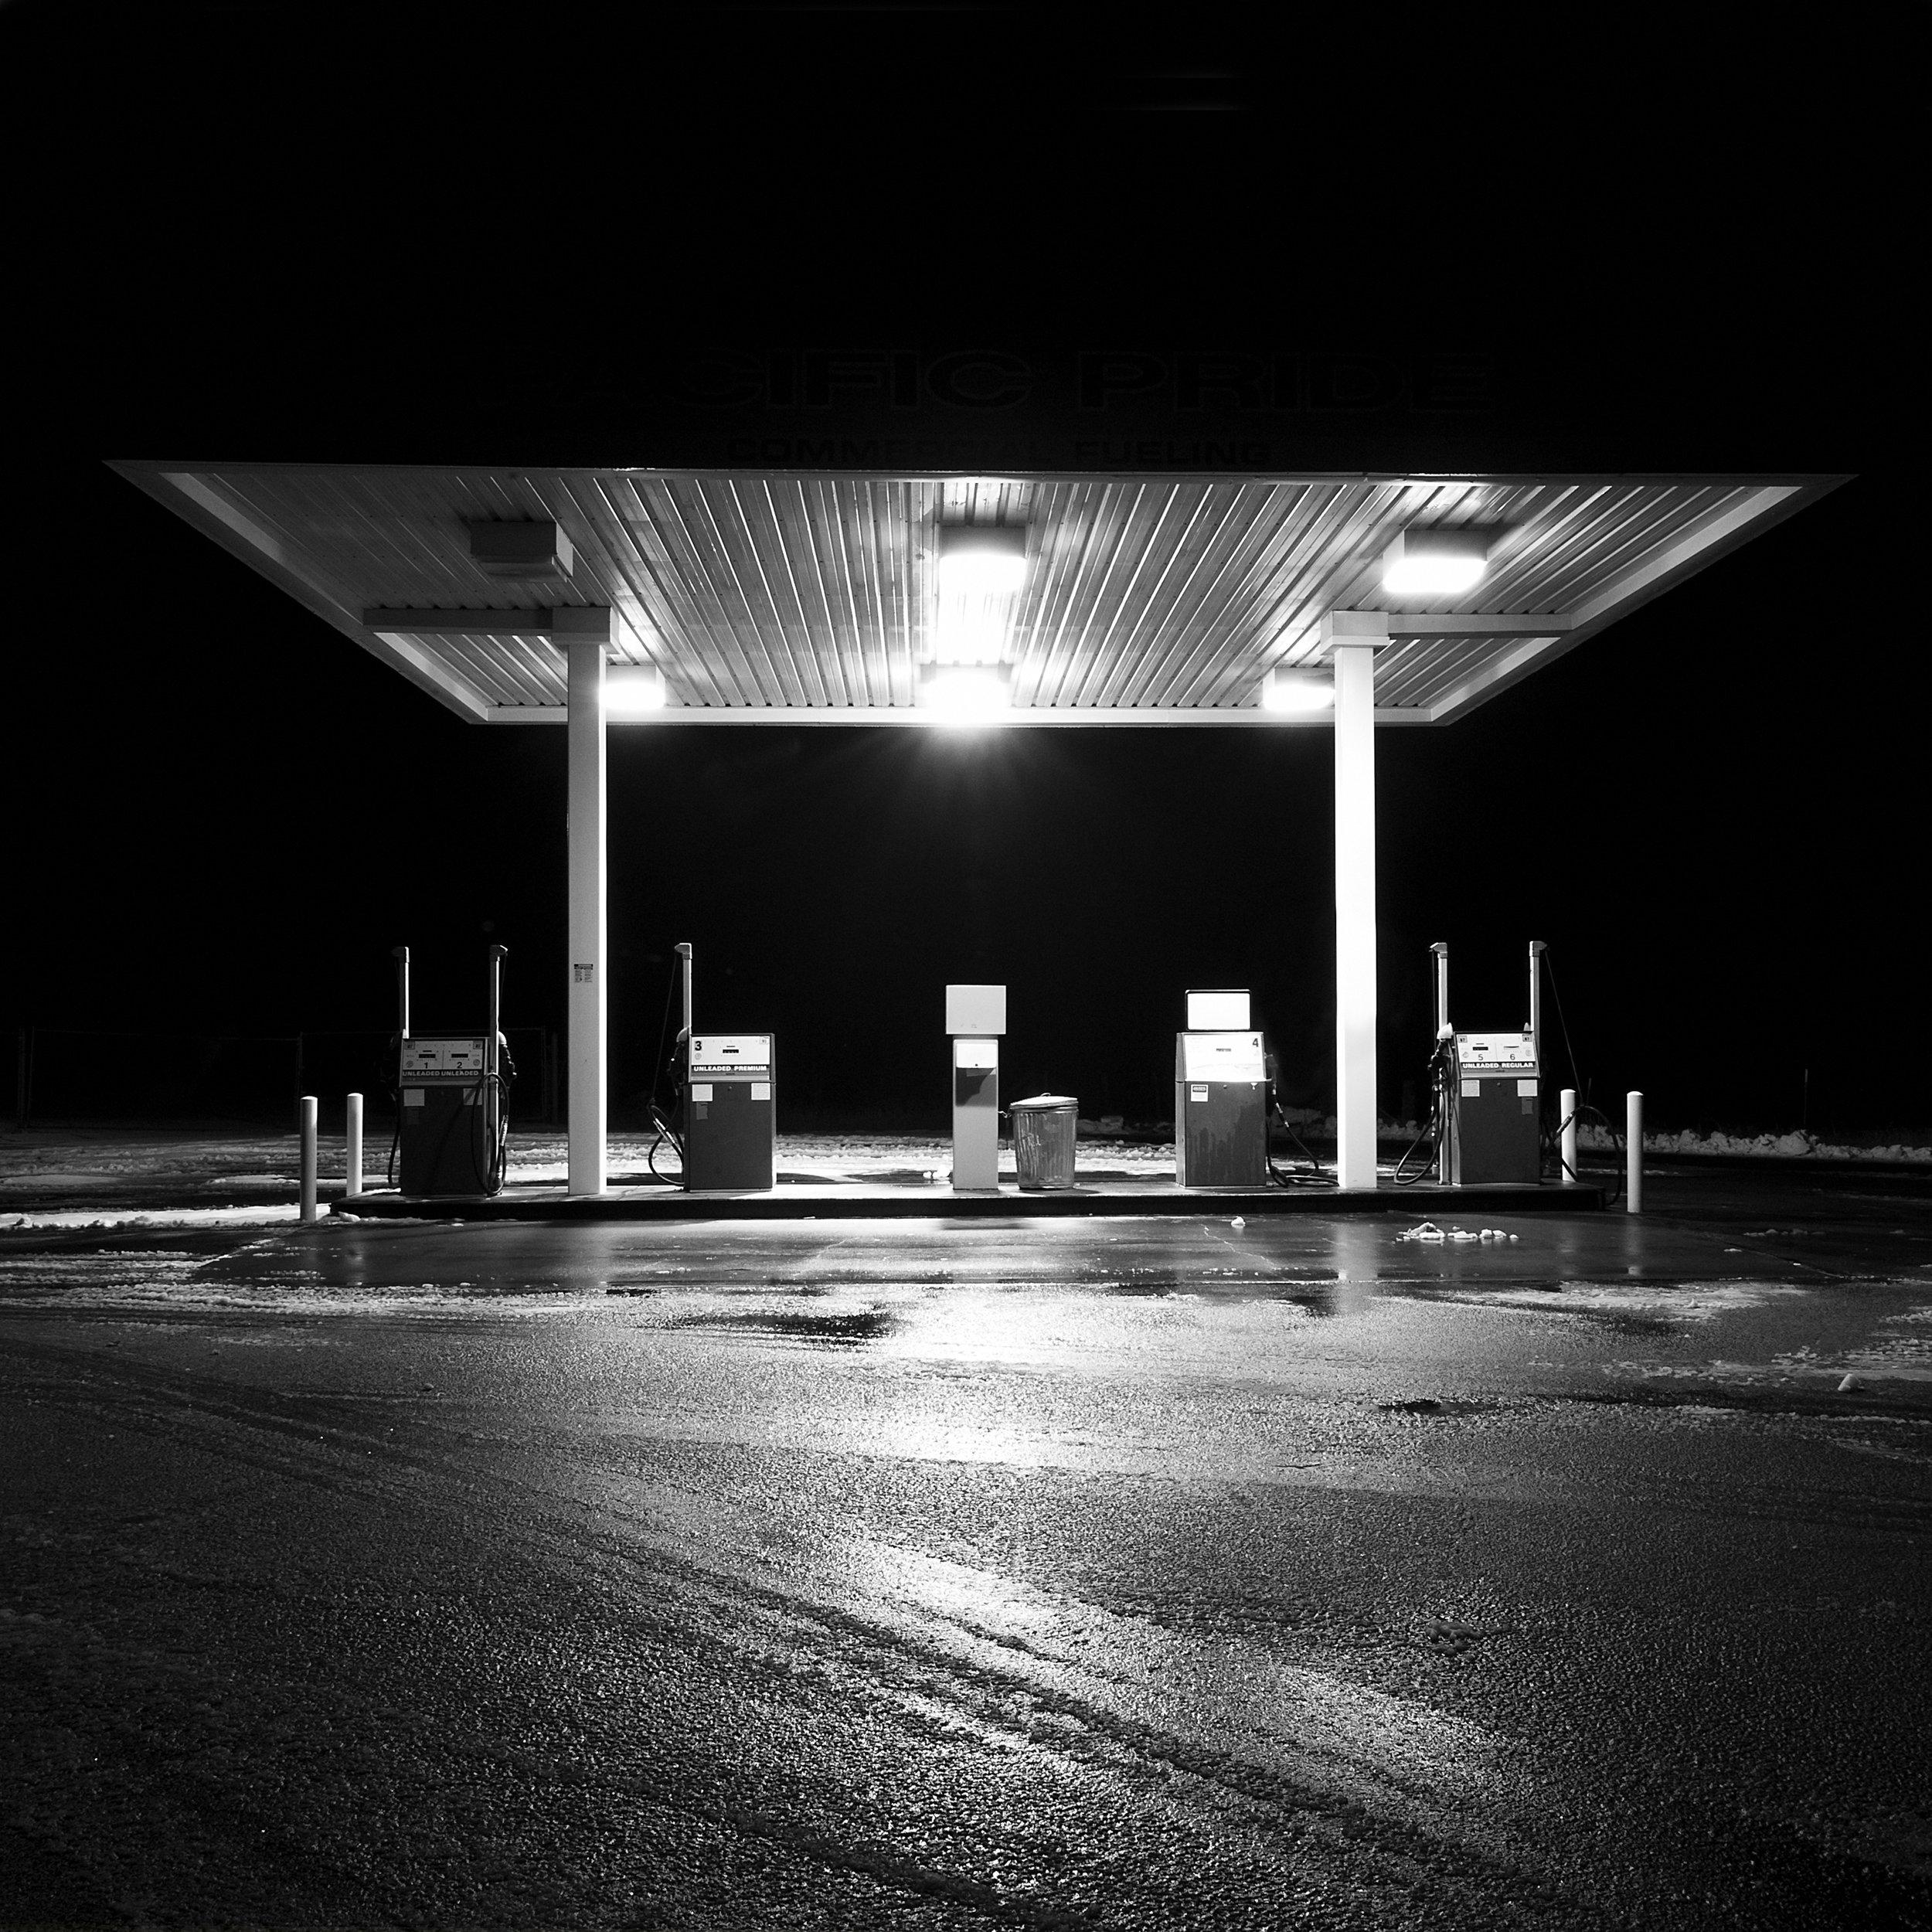 gass station final.jpg